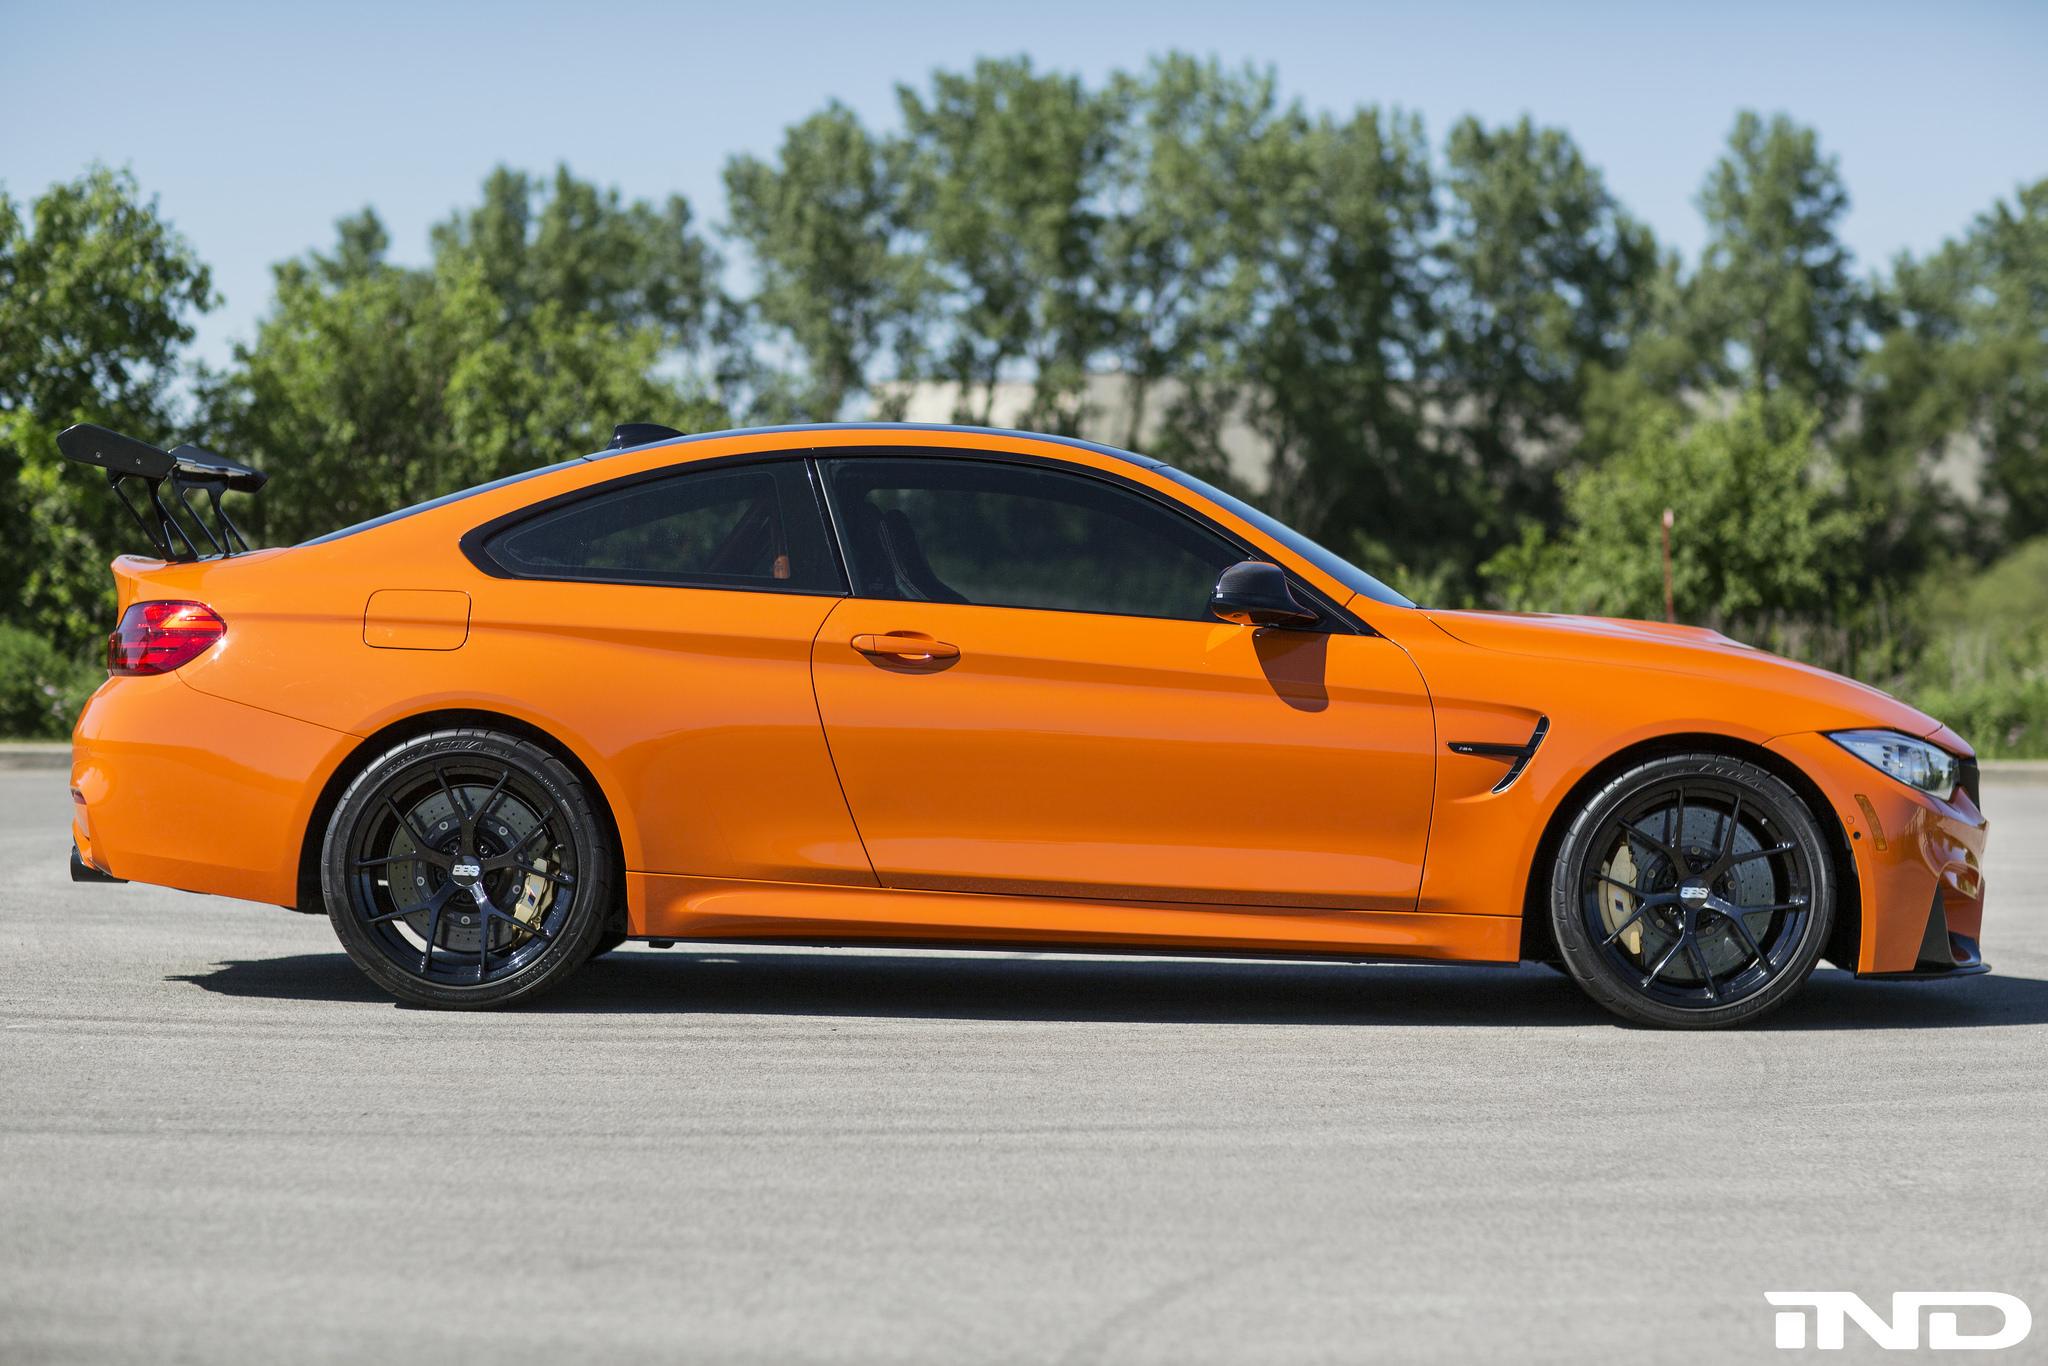 BMW M2 Cs >> Fire Orange BMW M4 Modded By IND Distribution